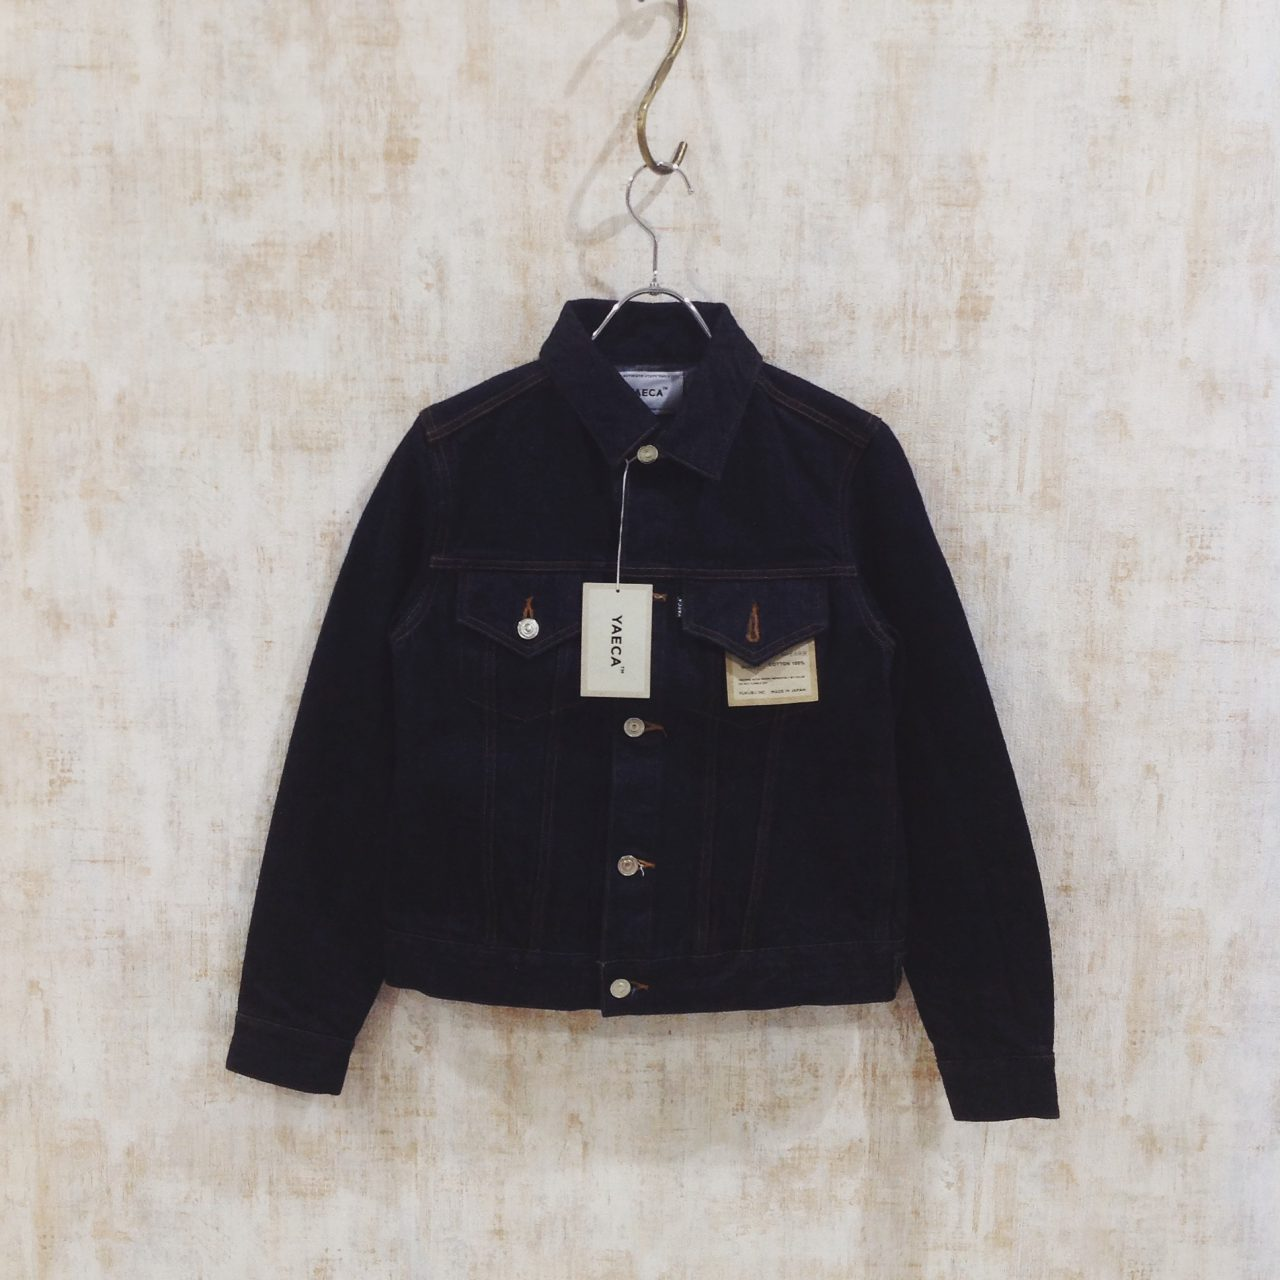 YAECAのシンプルなデザインのデニムジャケット